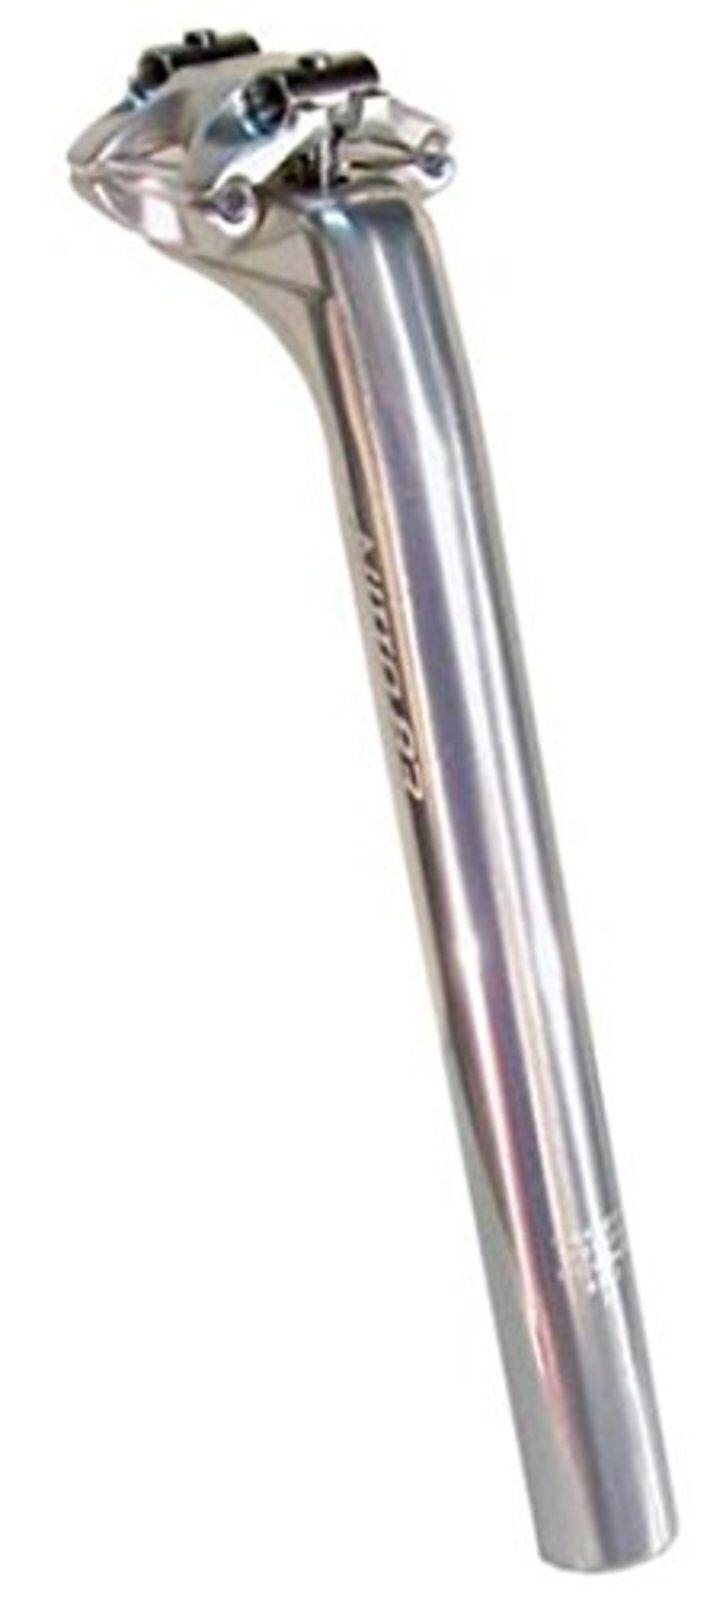 Nitto S83 argentoo Reggisella Sedile Asta con 2 Bulloni S83 dia27.2mm L250 F